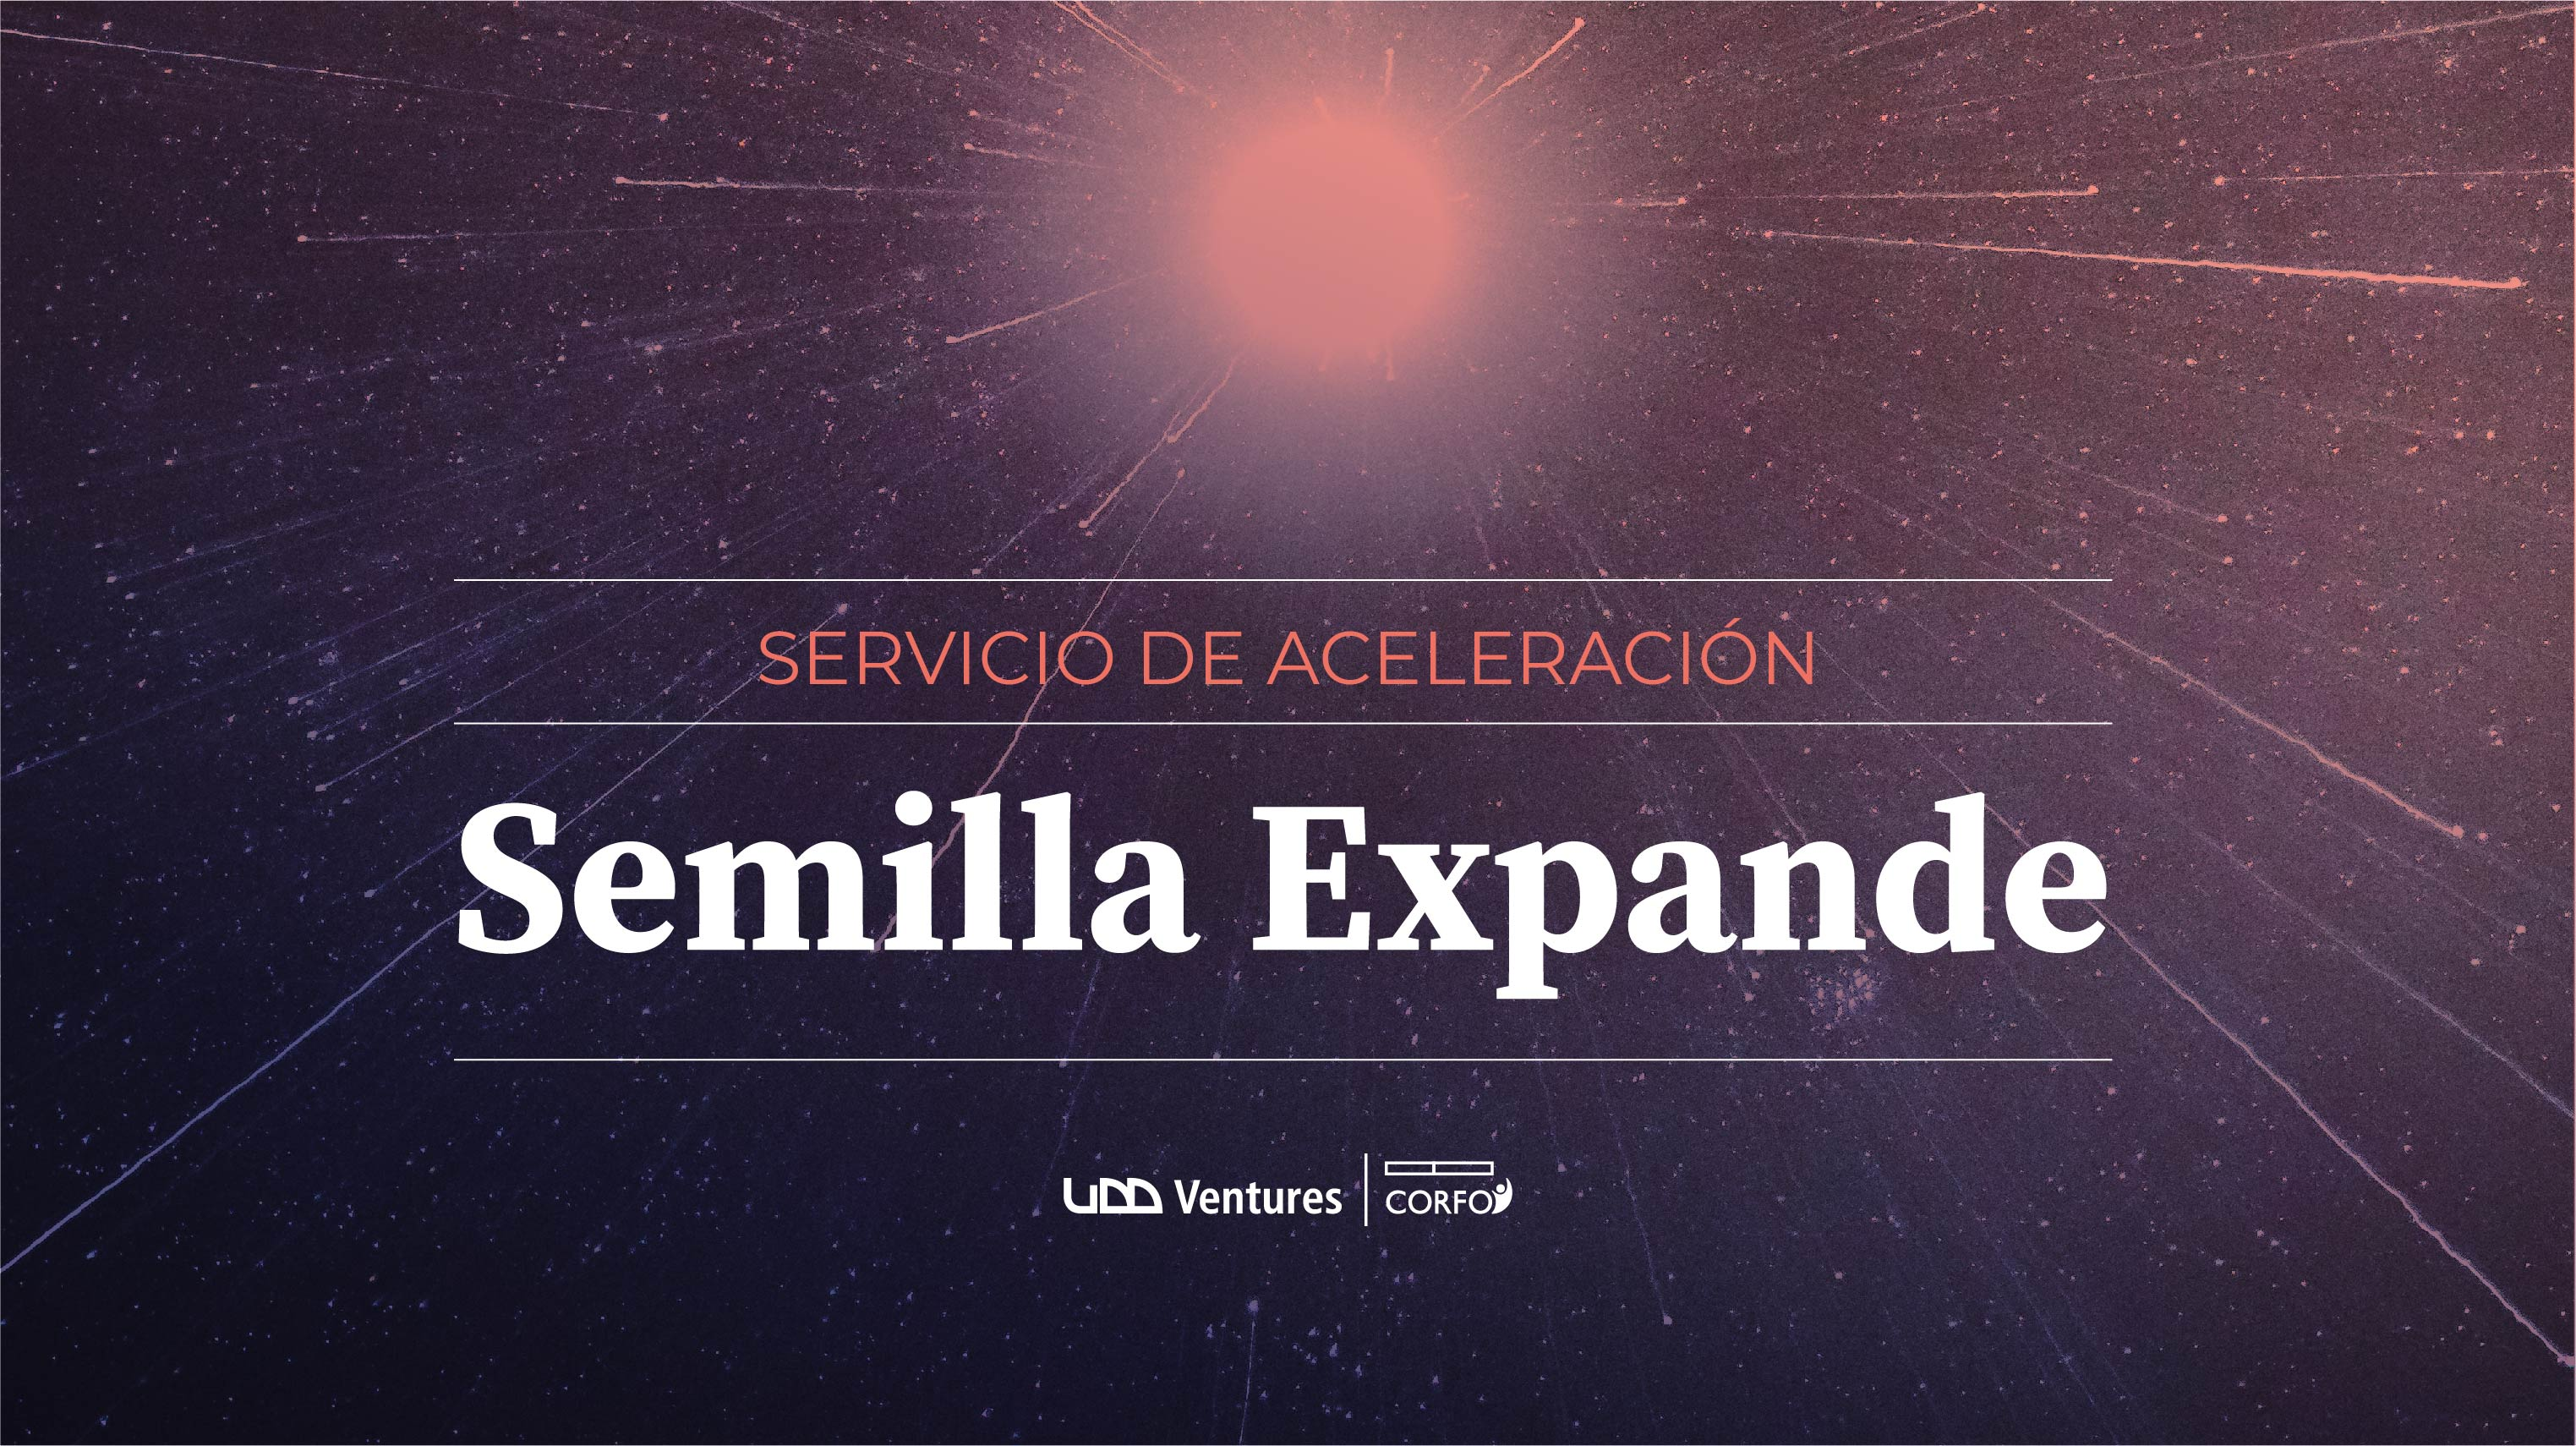 servicio semilla expande-02